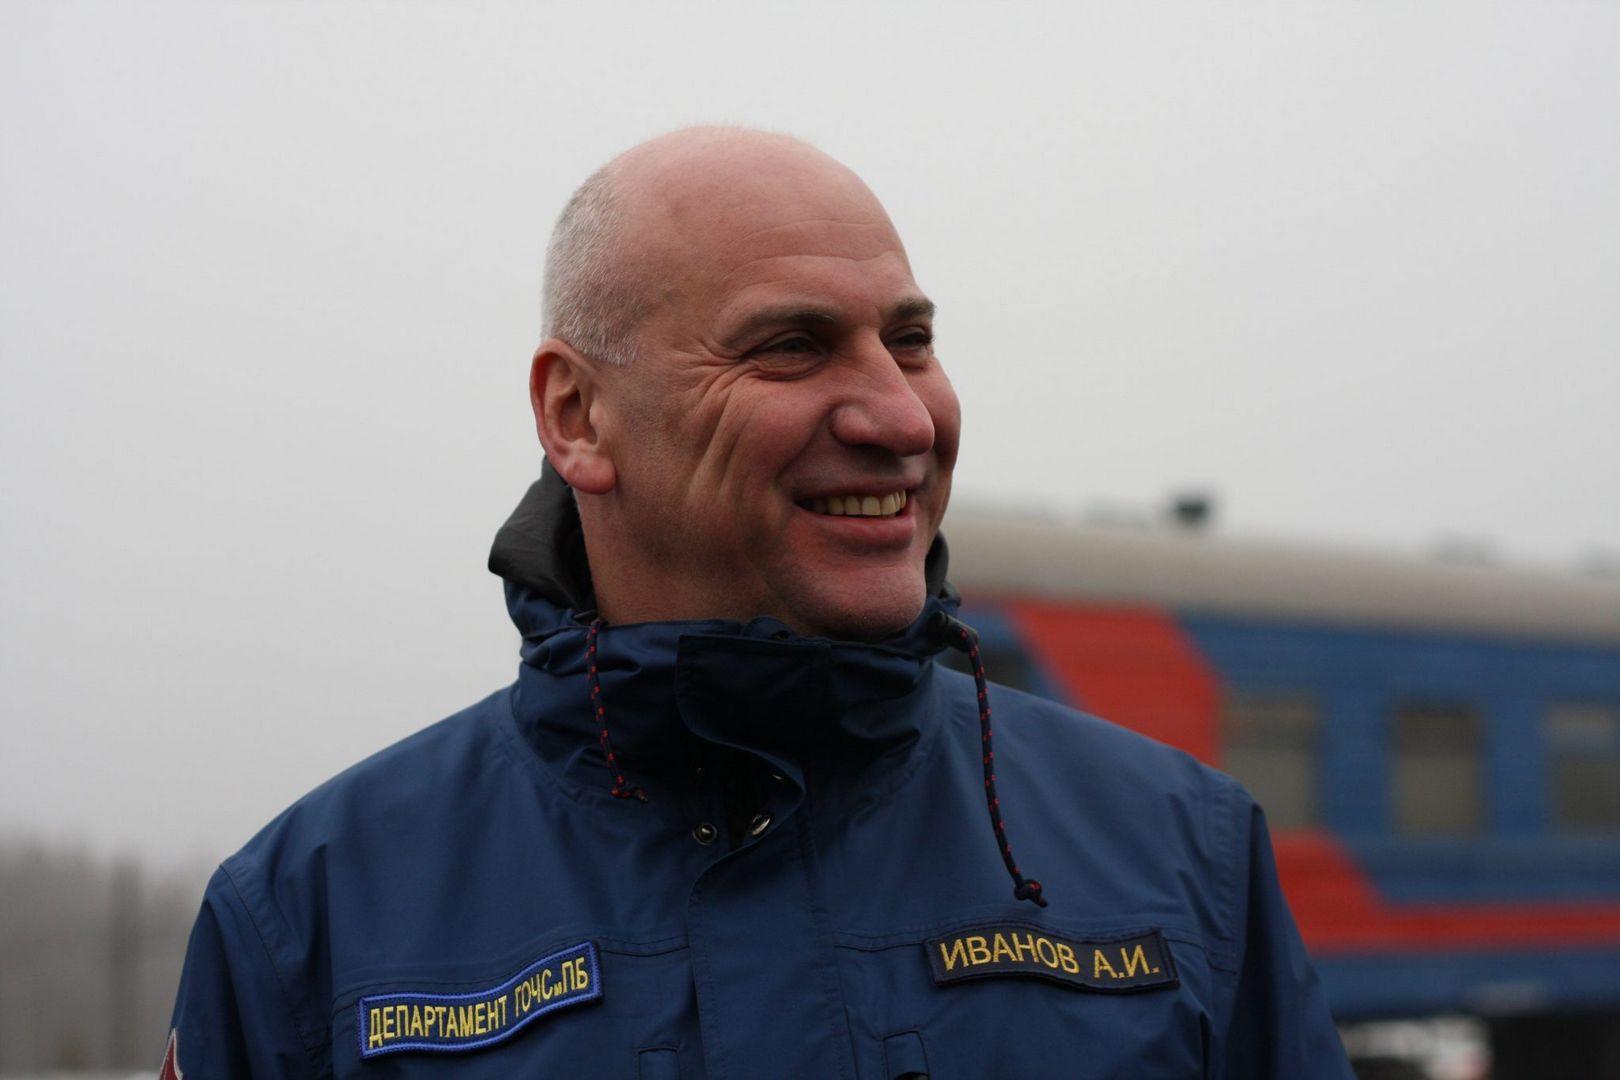 Андрей Иванов, заместитель руководителя департамента по делам гражданской обороны, ЧС и пожарной безопасности